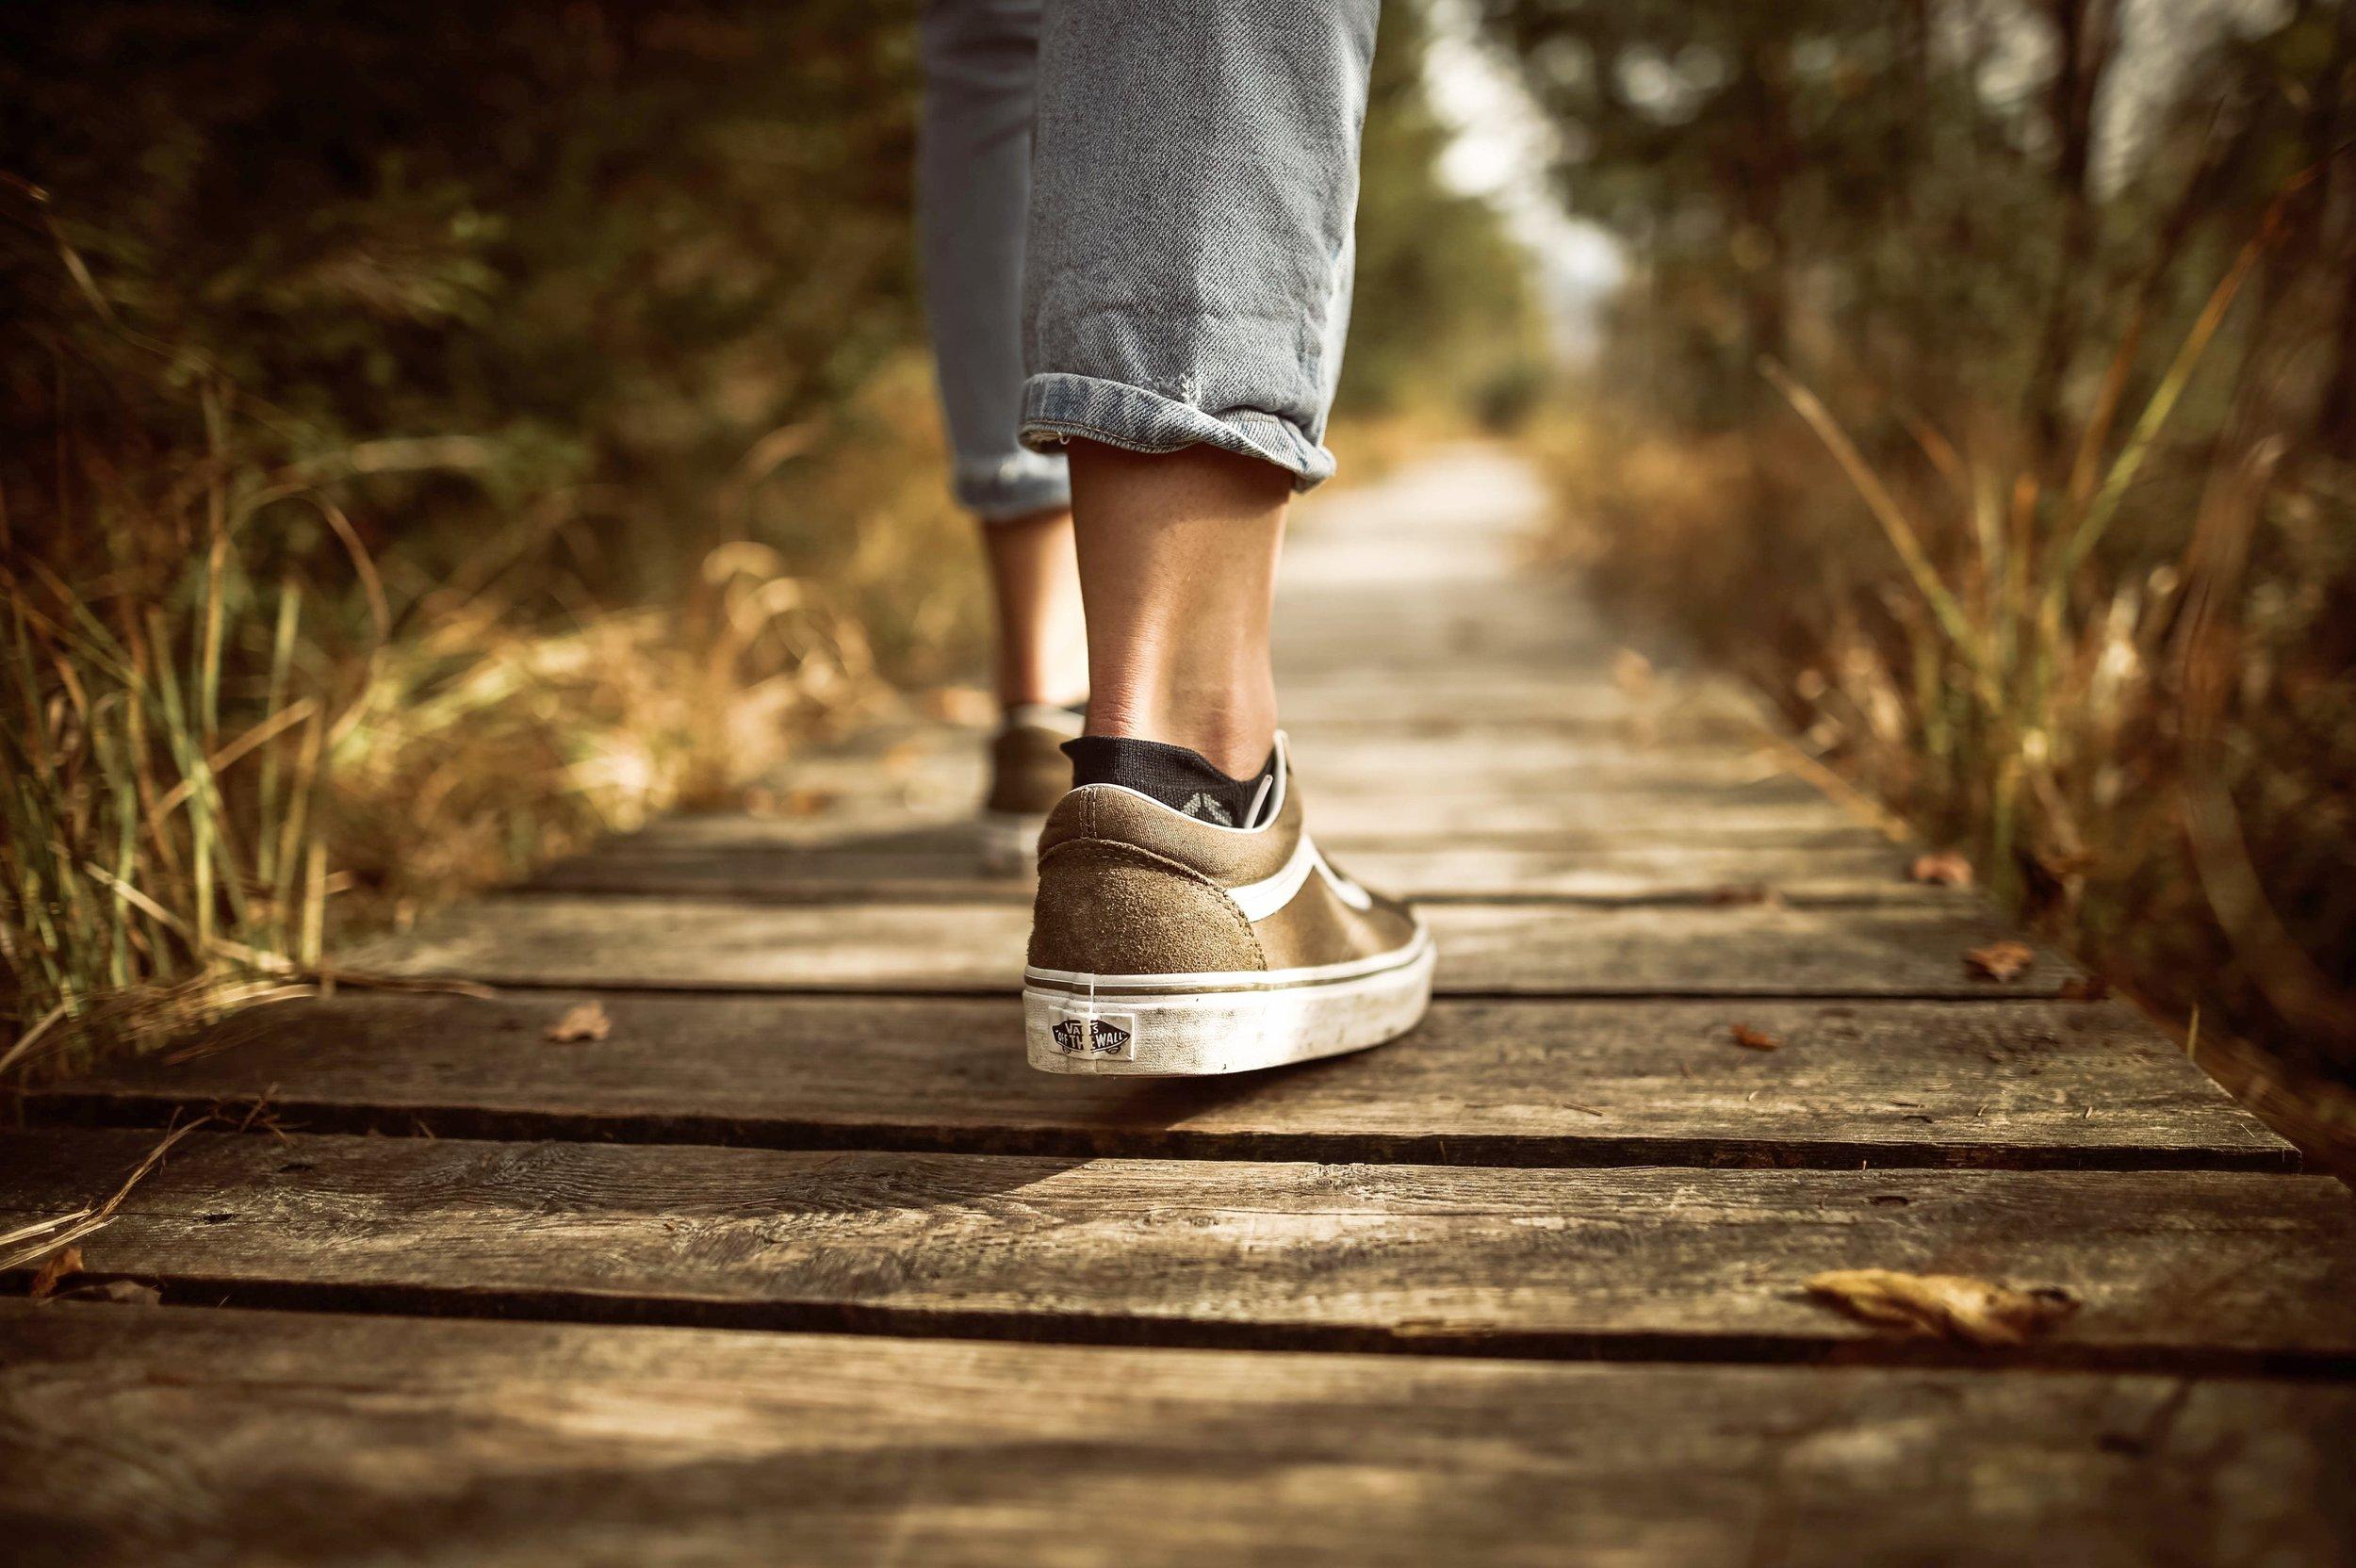 fashion-footwear-grass-631986.jpg